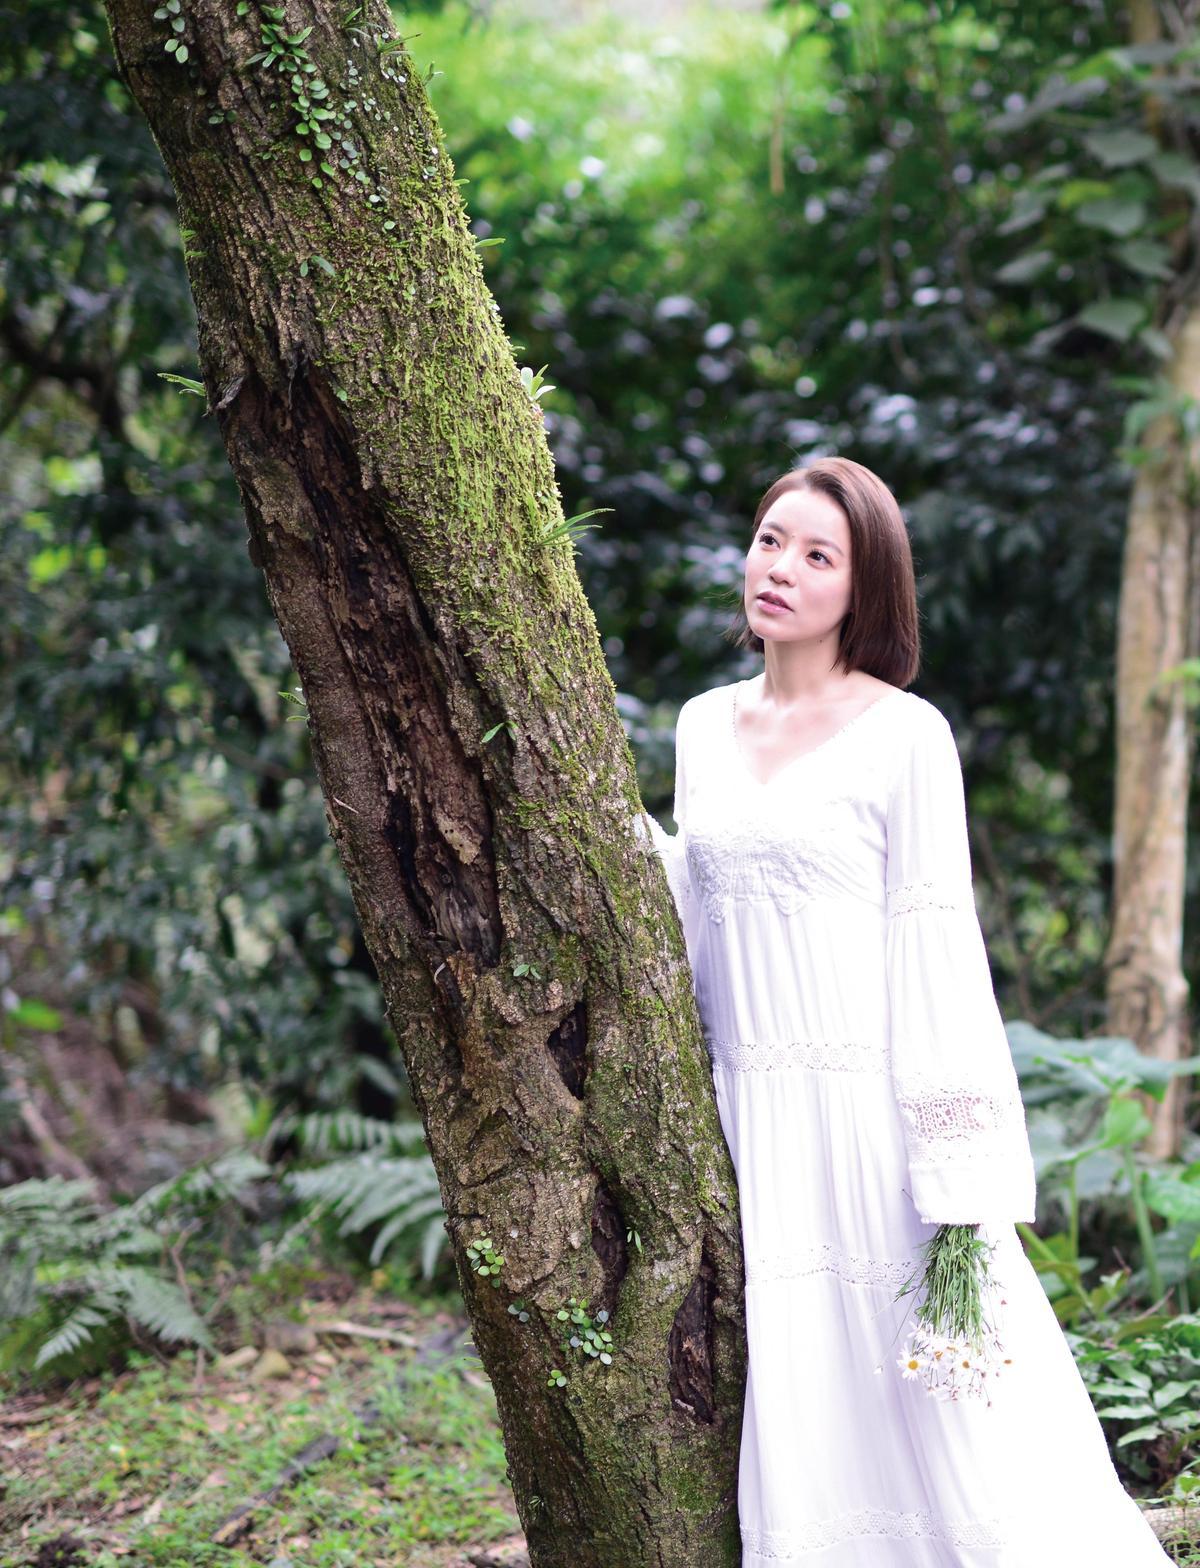 丁噹一身白在山林拍廣告,鏡頭前看來唯美,但她卻被蚊子大軍豪不留情地攻擊。(相信音樂提供)